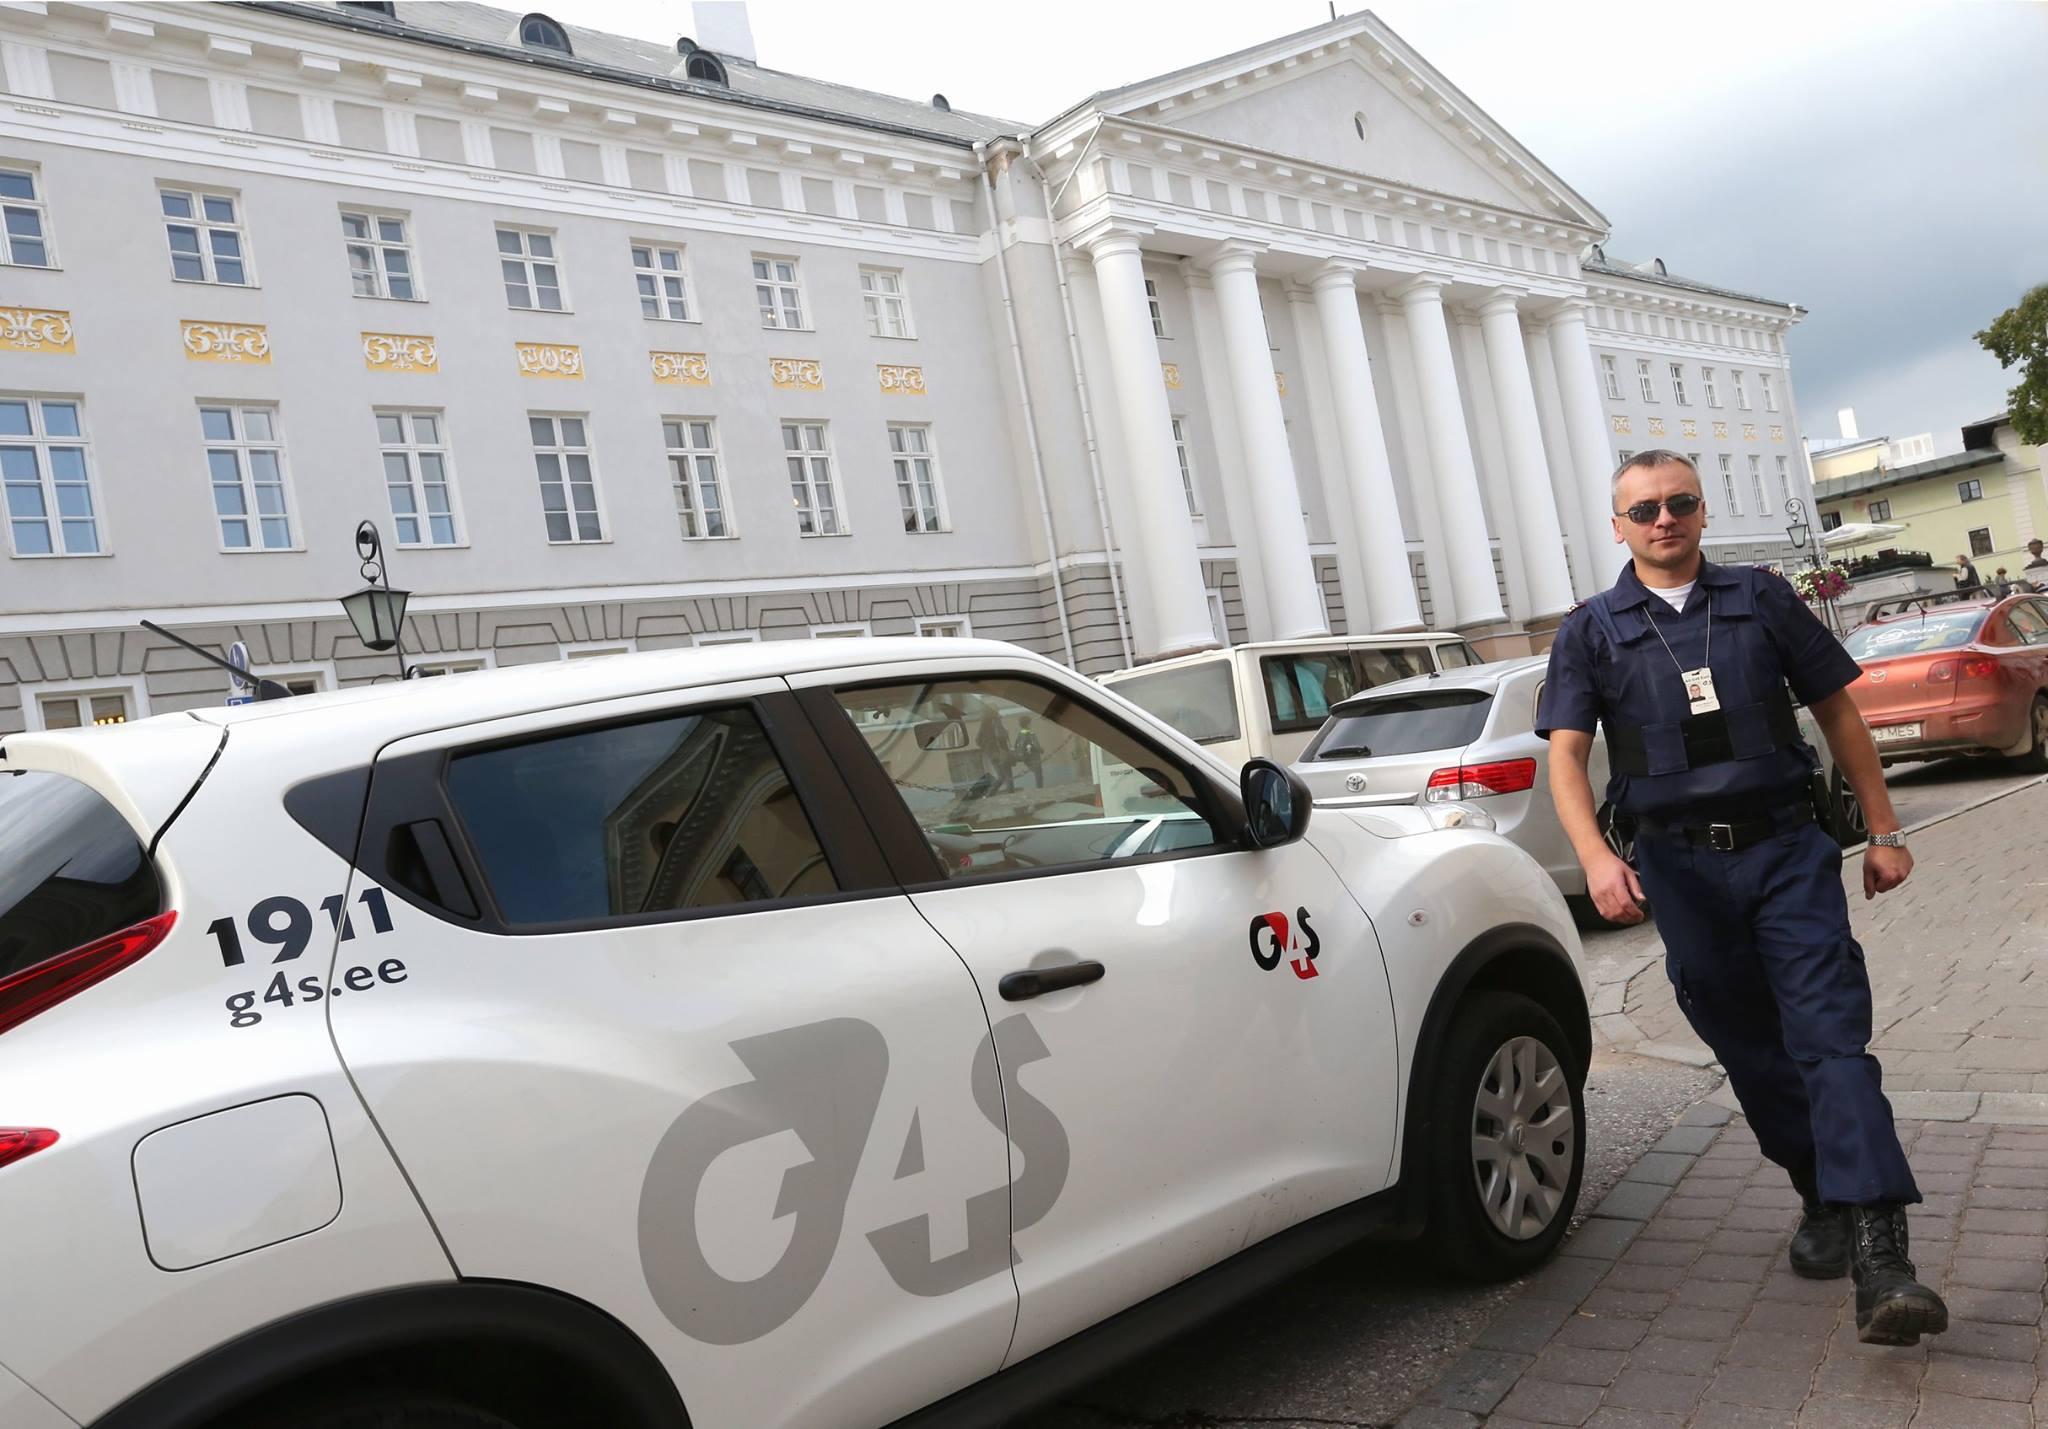 G4S I Turvatöötajad takistasid kahe roolijoodiku edasisõitu